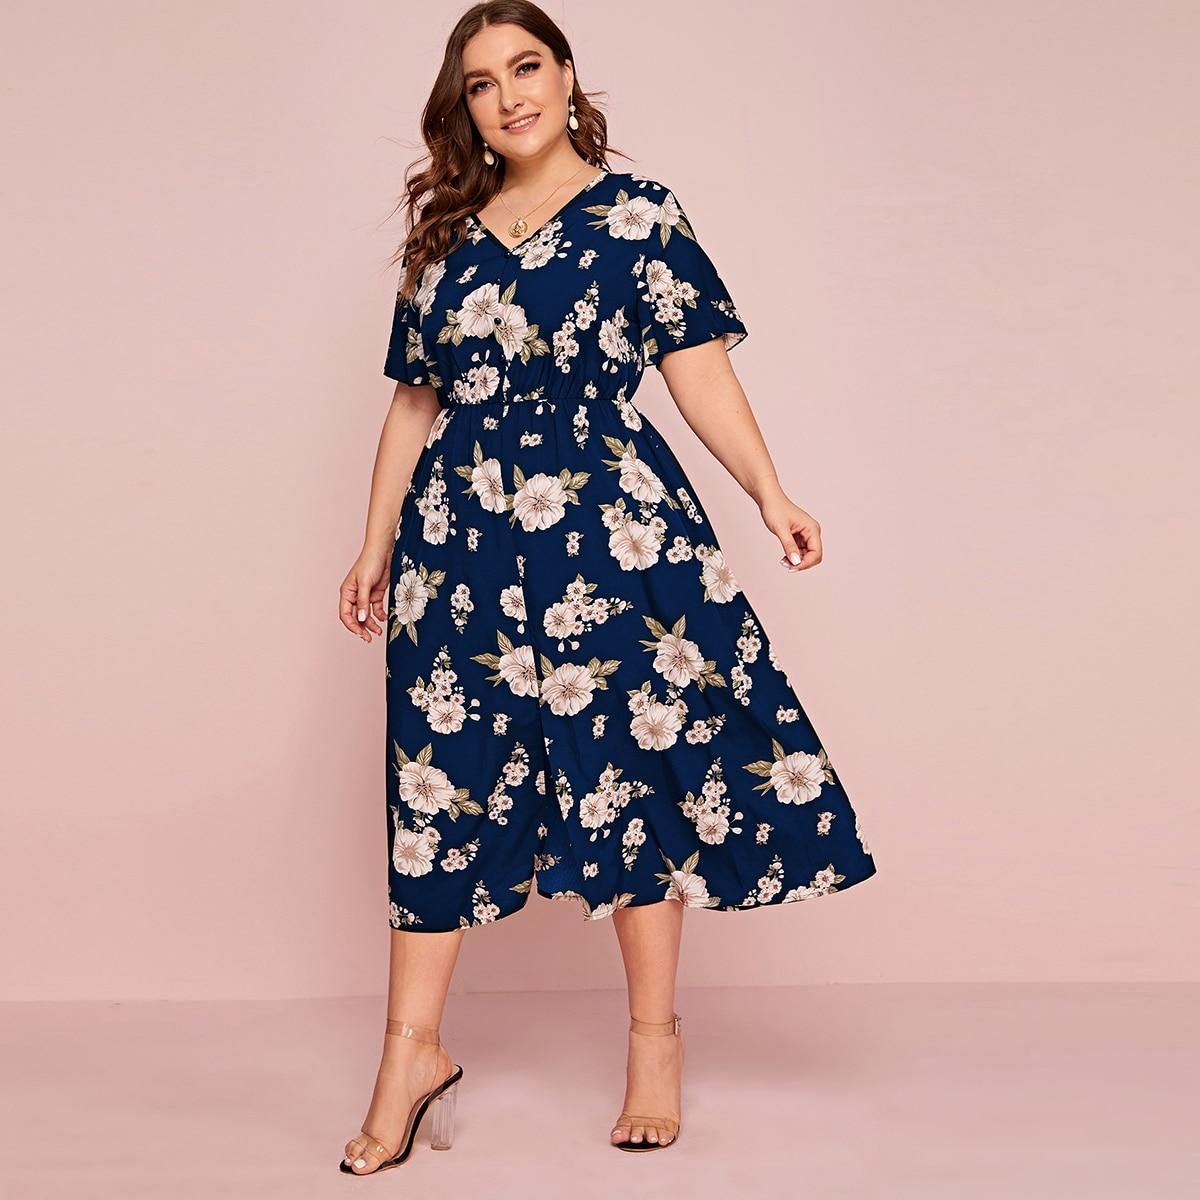 Темно-синий Разрез Цветочный Бохо Платья размер плюс